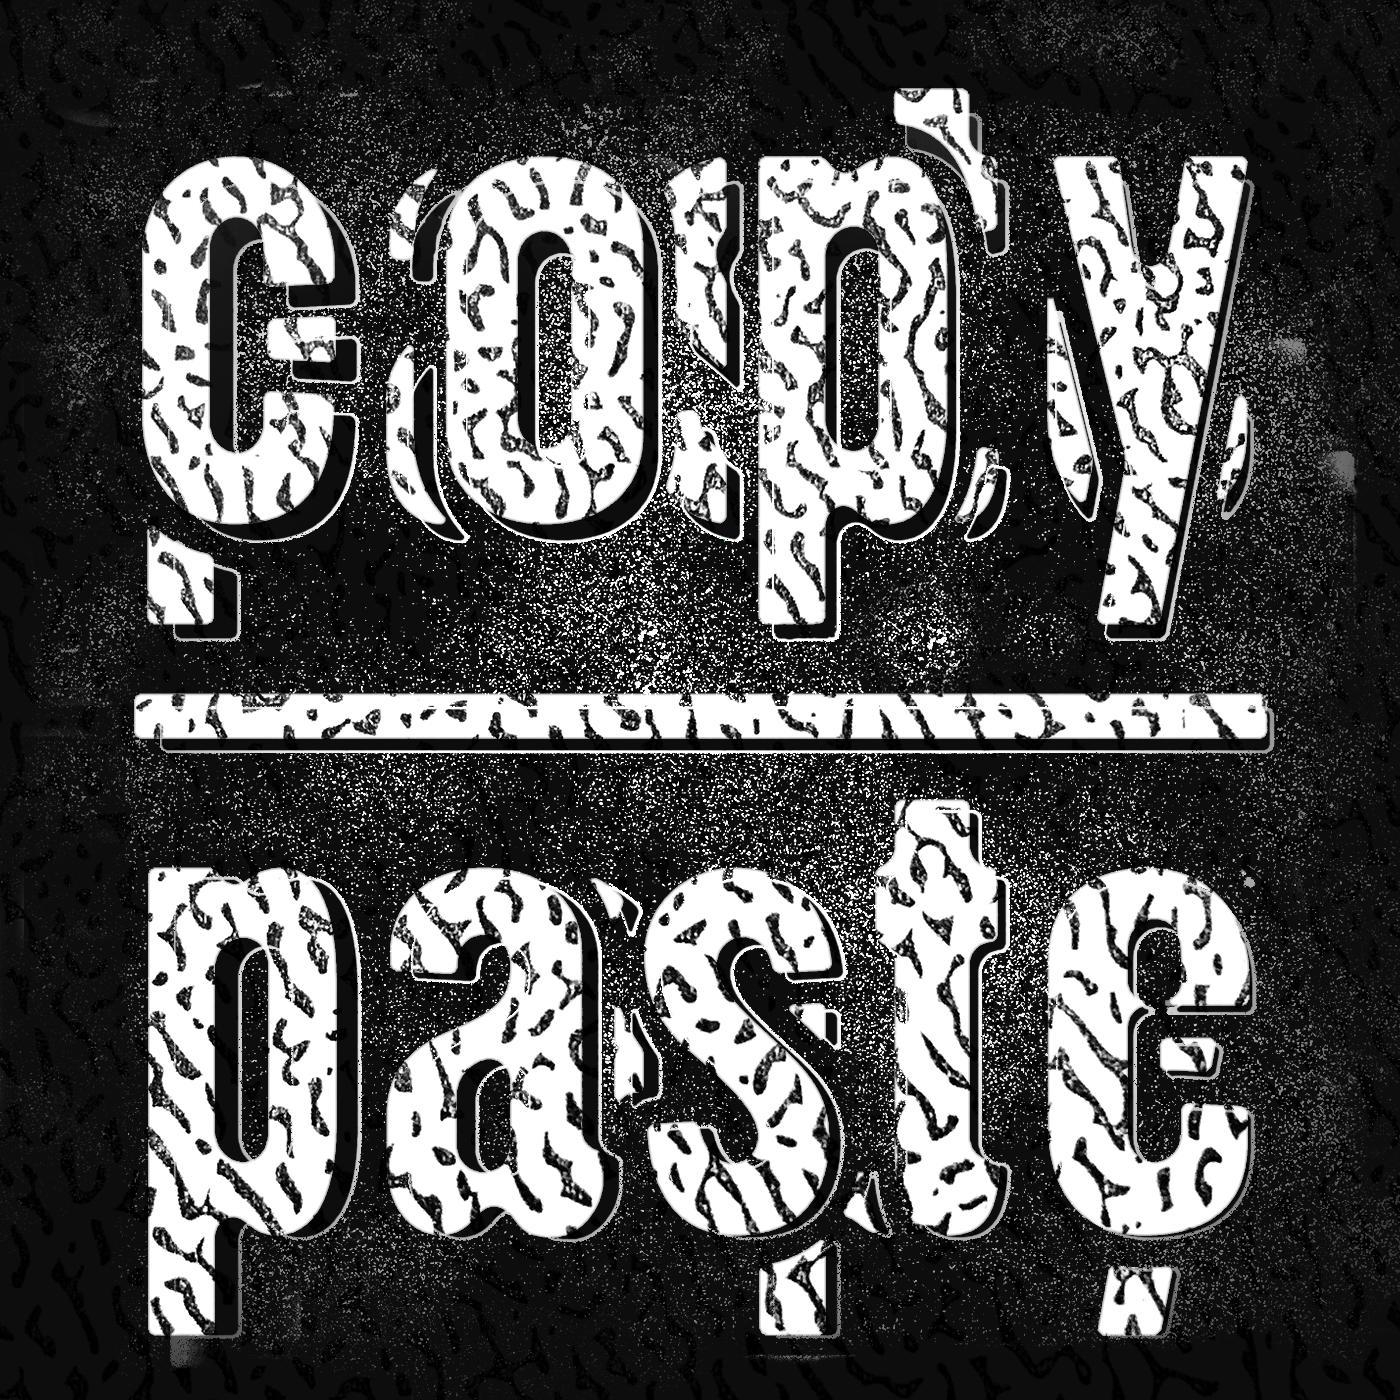 CiTR -- copy/paste (podcast) - CiTR 101 9FM Vancouver